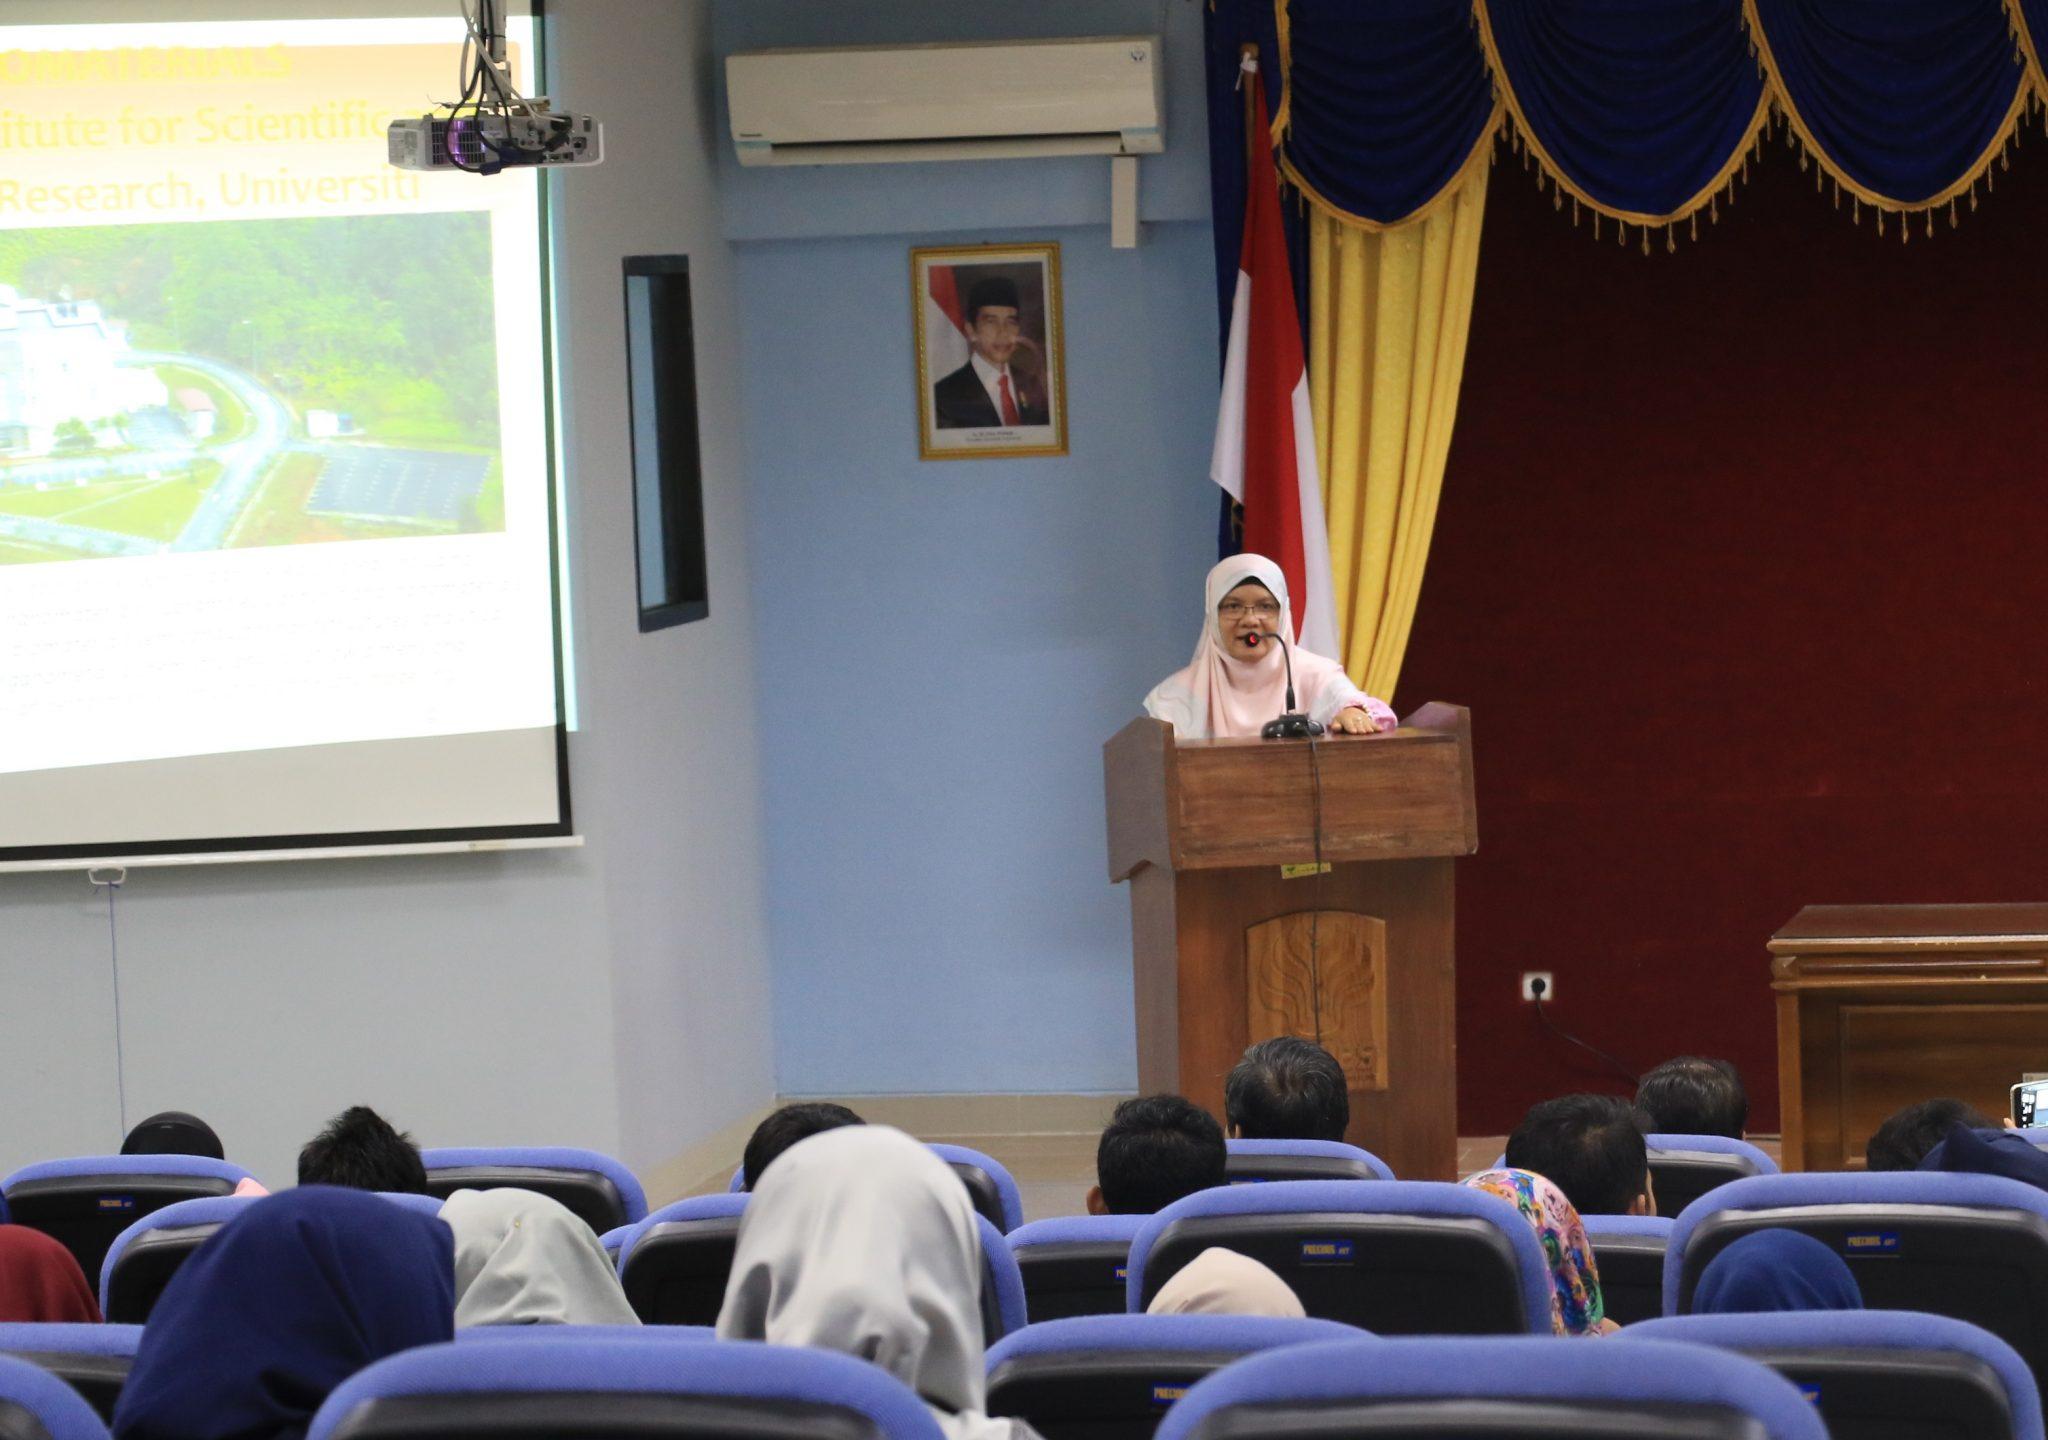 Kedatangan Dosen Tamu dari Malaysia, Jurusan Matematika dan Jurusan Ilmu Komputer UNNES Selenggarakan Kuliah Umum